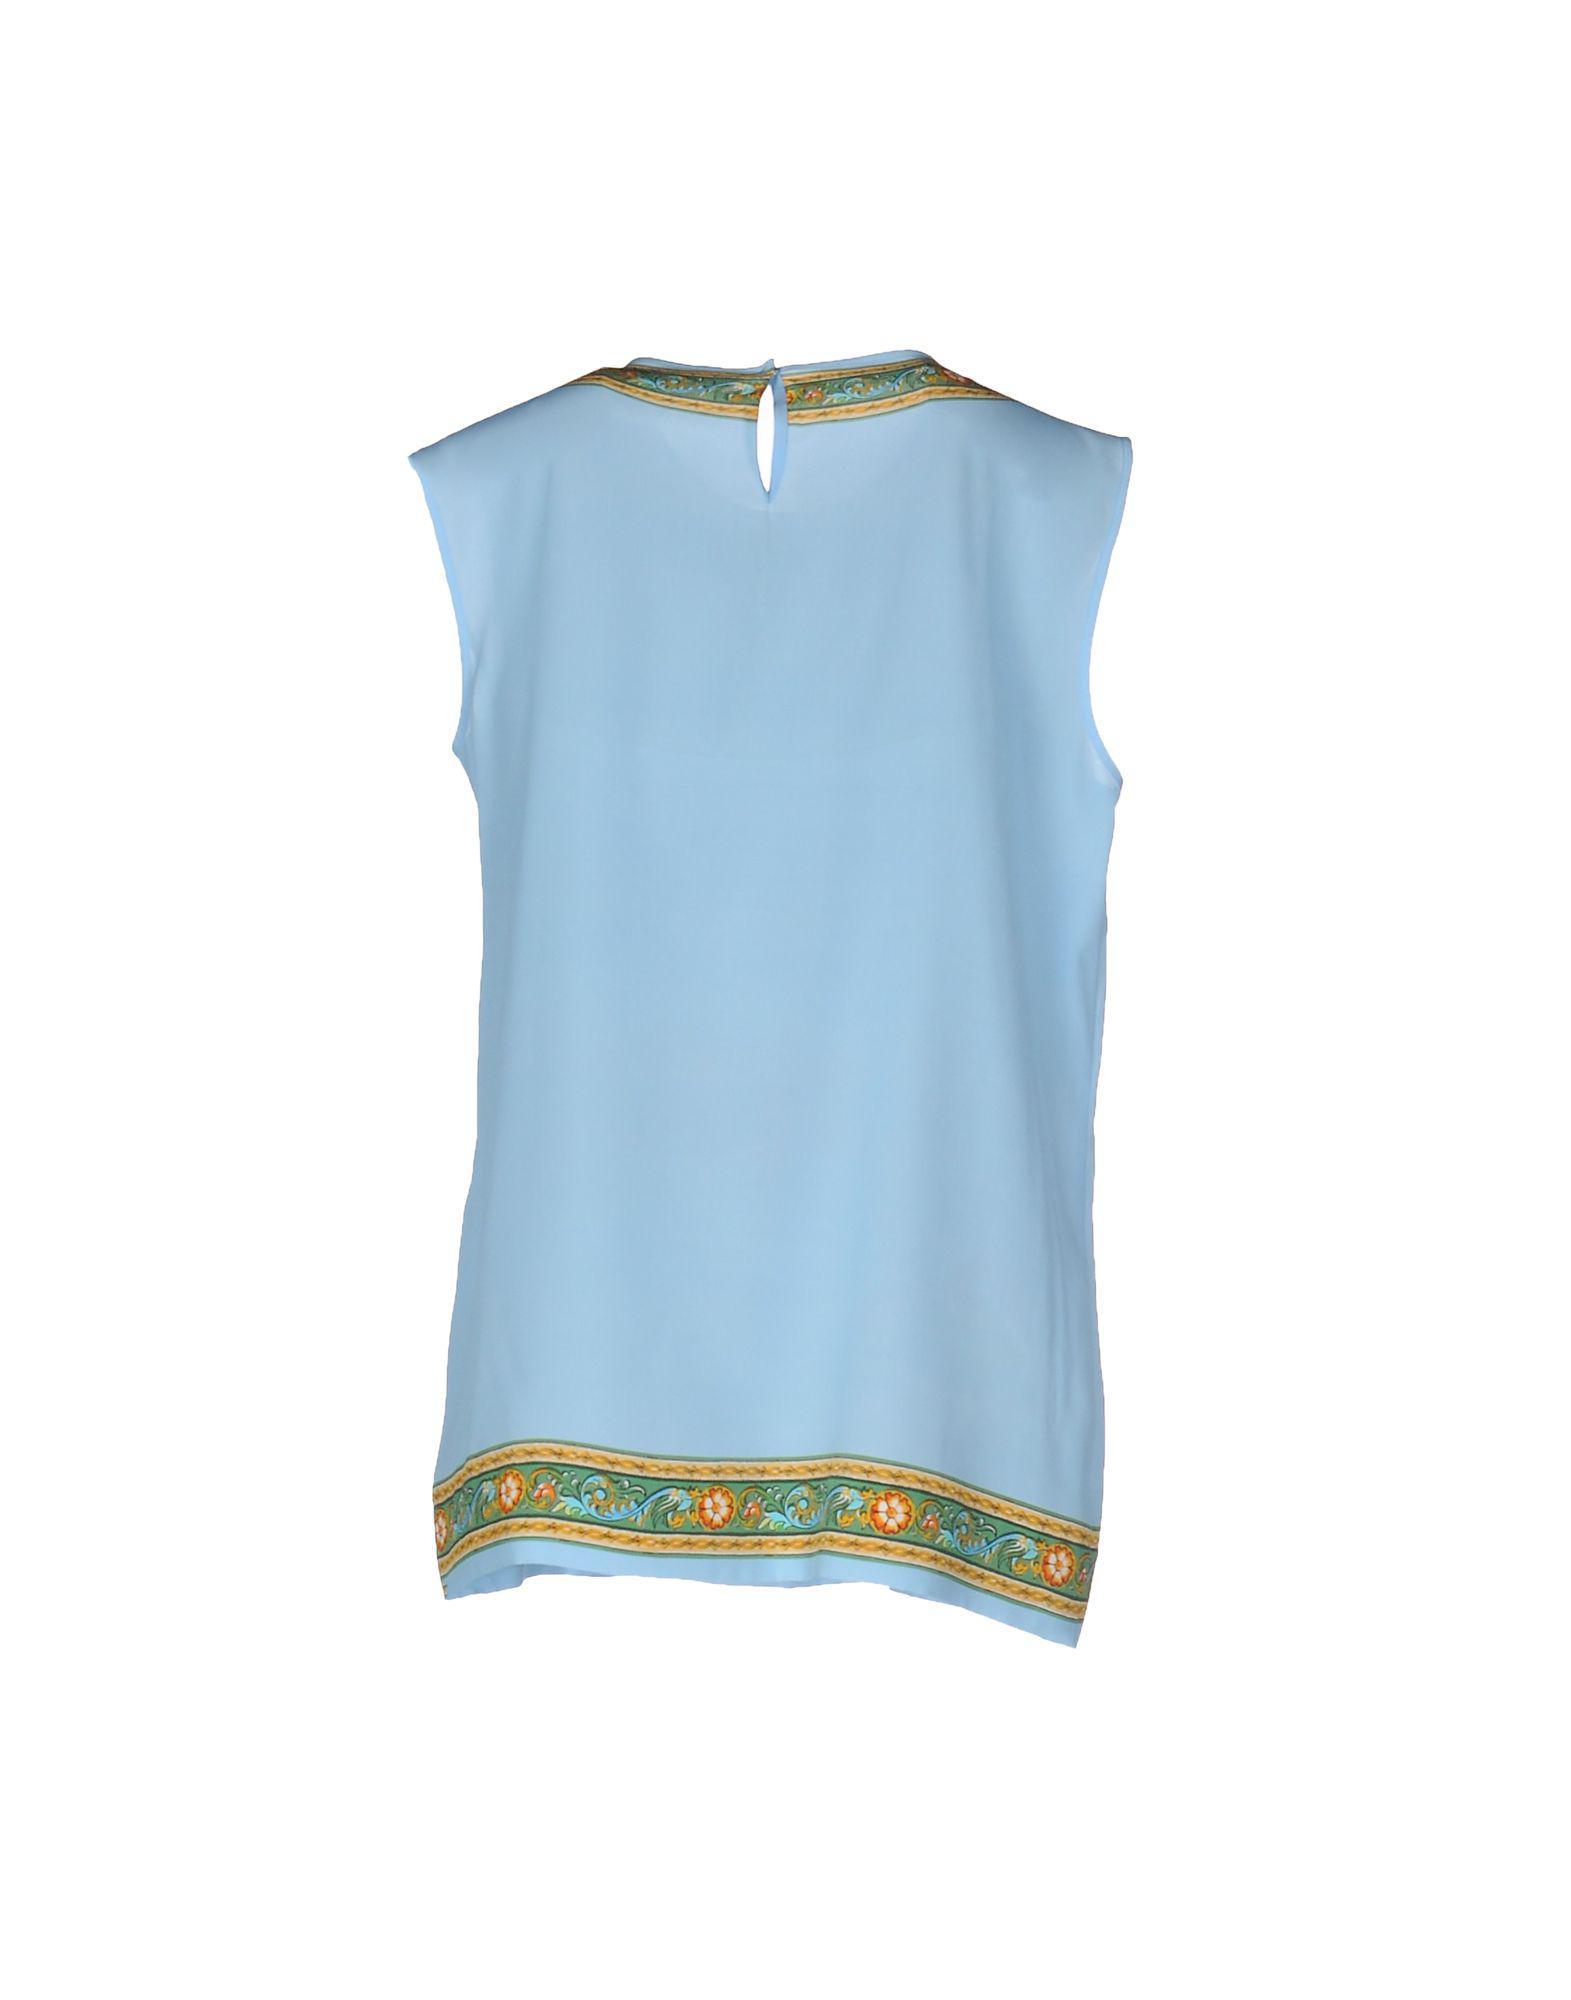 Dolce & Gabbana Silk Top in Sky Blue (Blue)